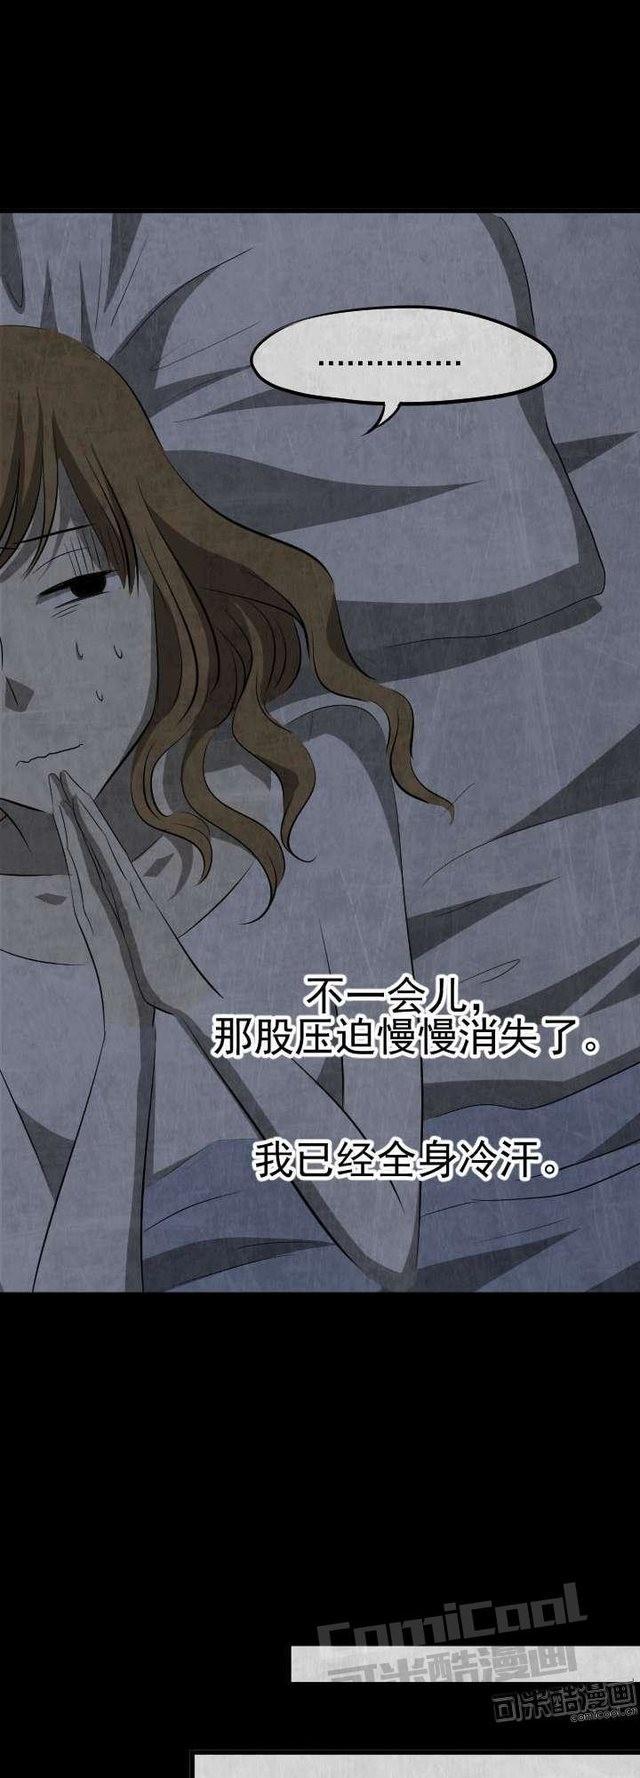 恐怖作文《漫画鬼》-搜狐怦然心动影子的漫画图片